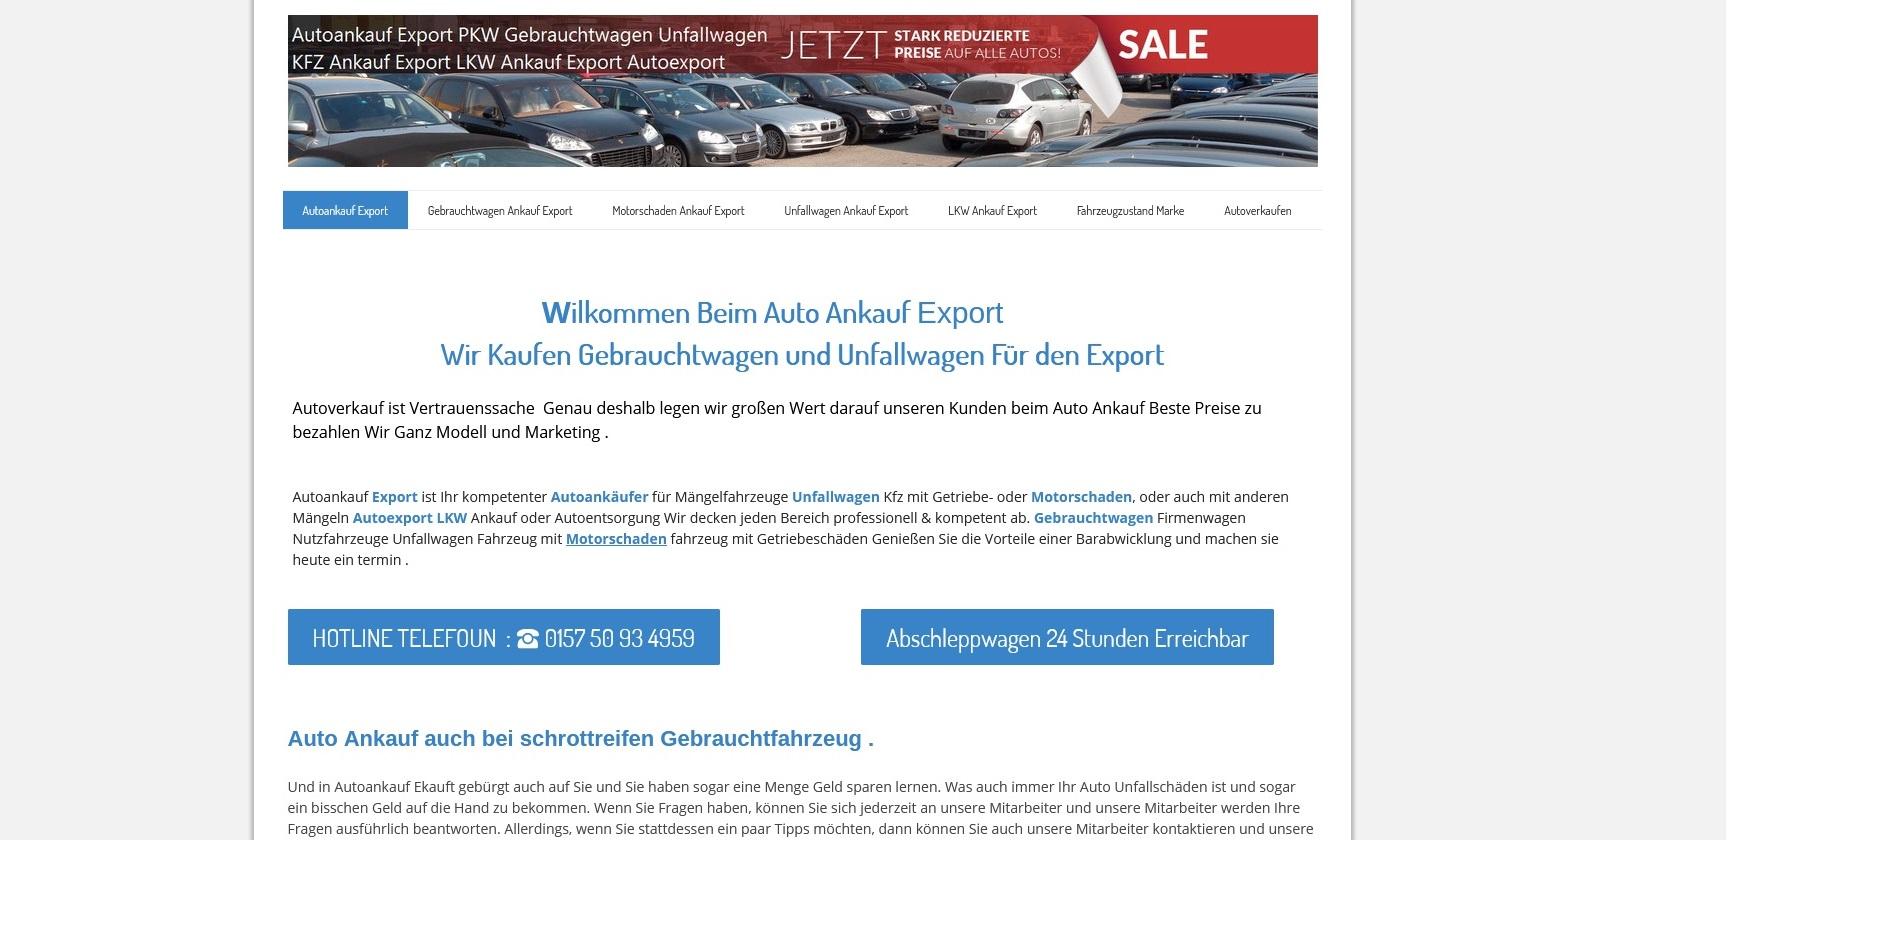 Kfz-Ankauf-export.de | Autoankauf Reutlingen | Autoankauf Export Reutlingen